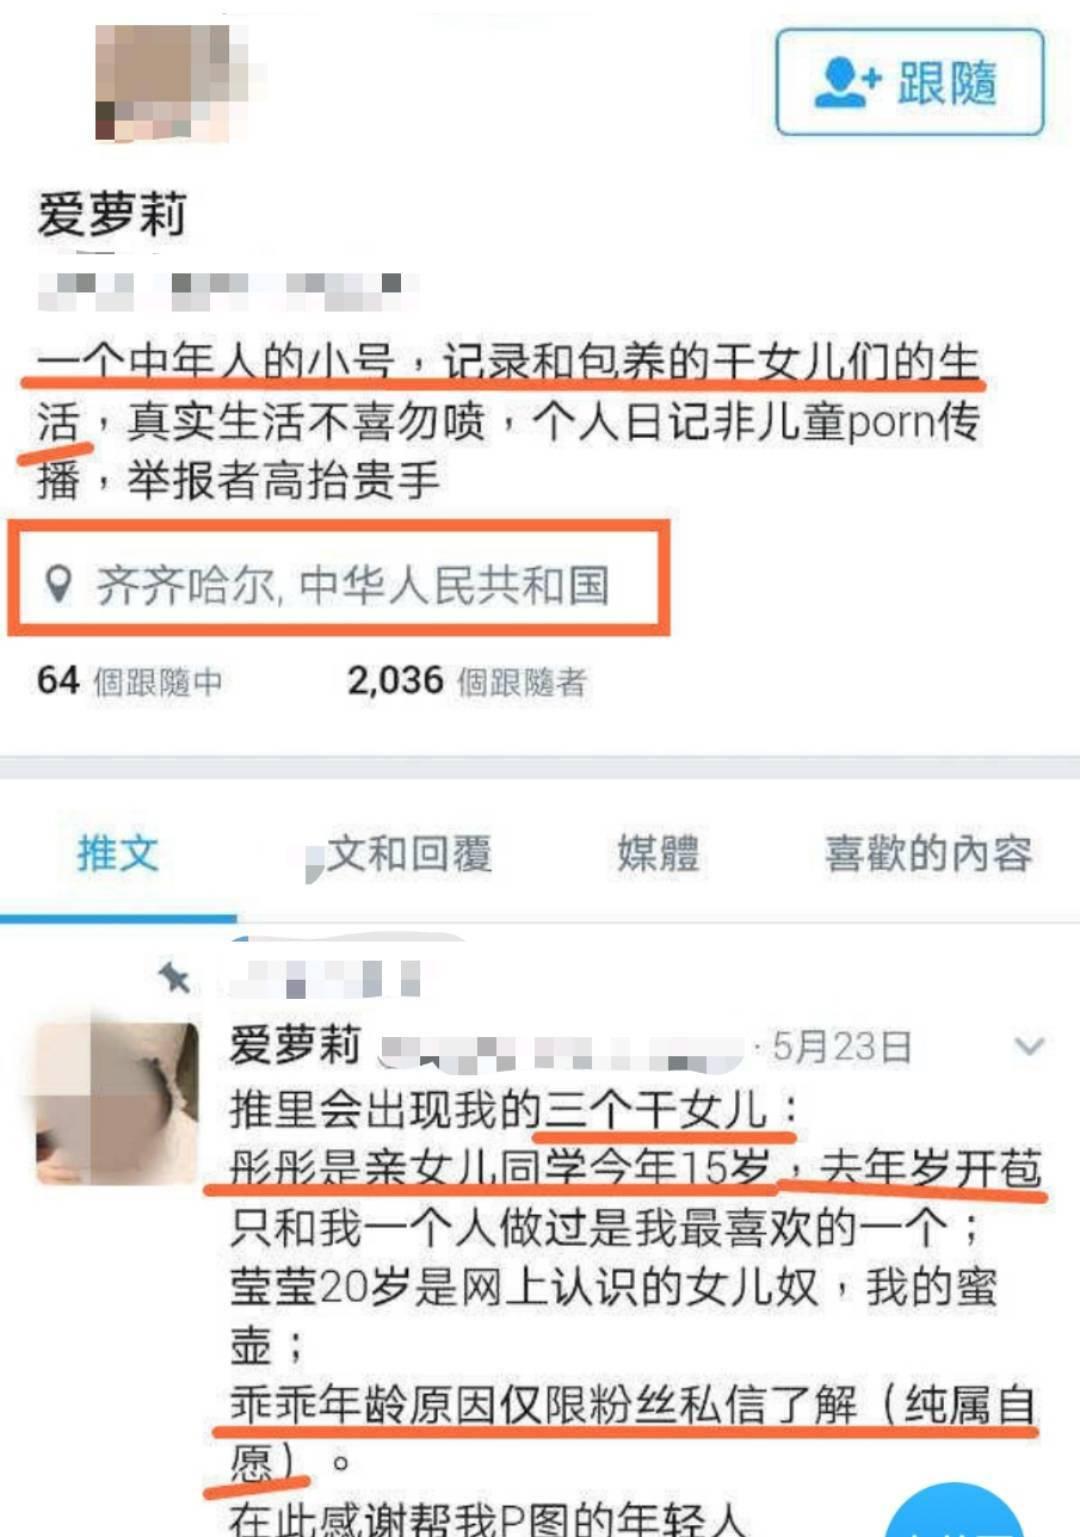 恒达首页男子网络炫耀包养未成年少女,齐齐哈尔警方介入调查